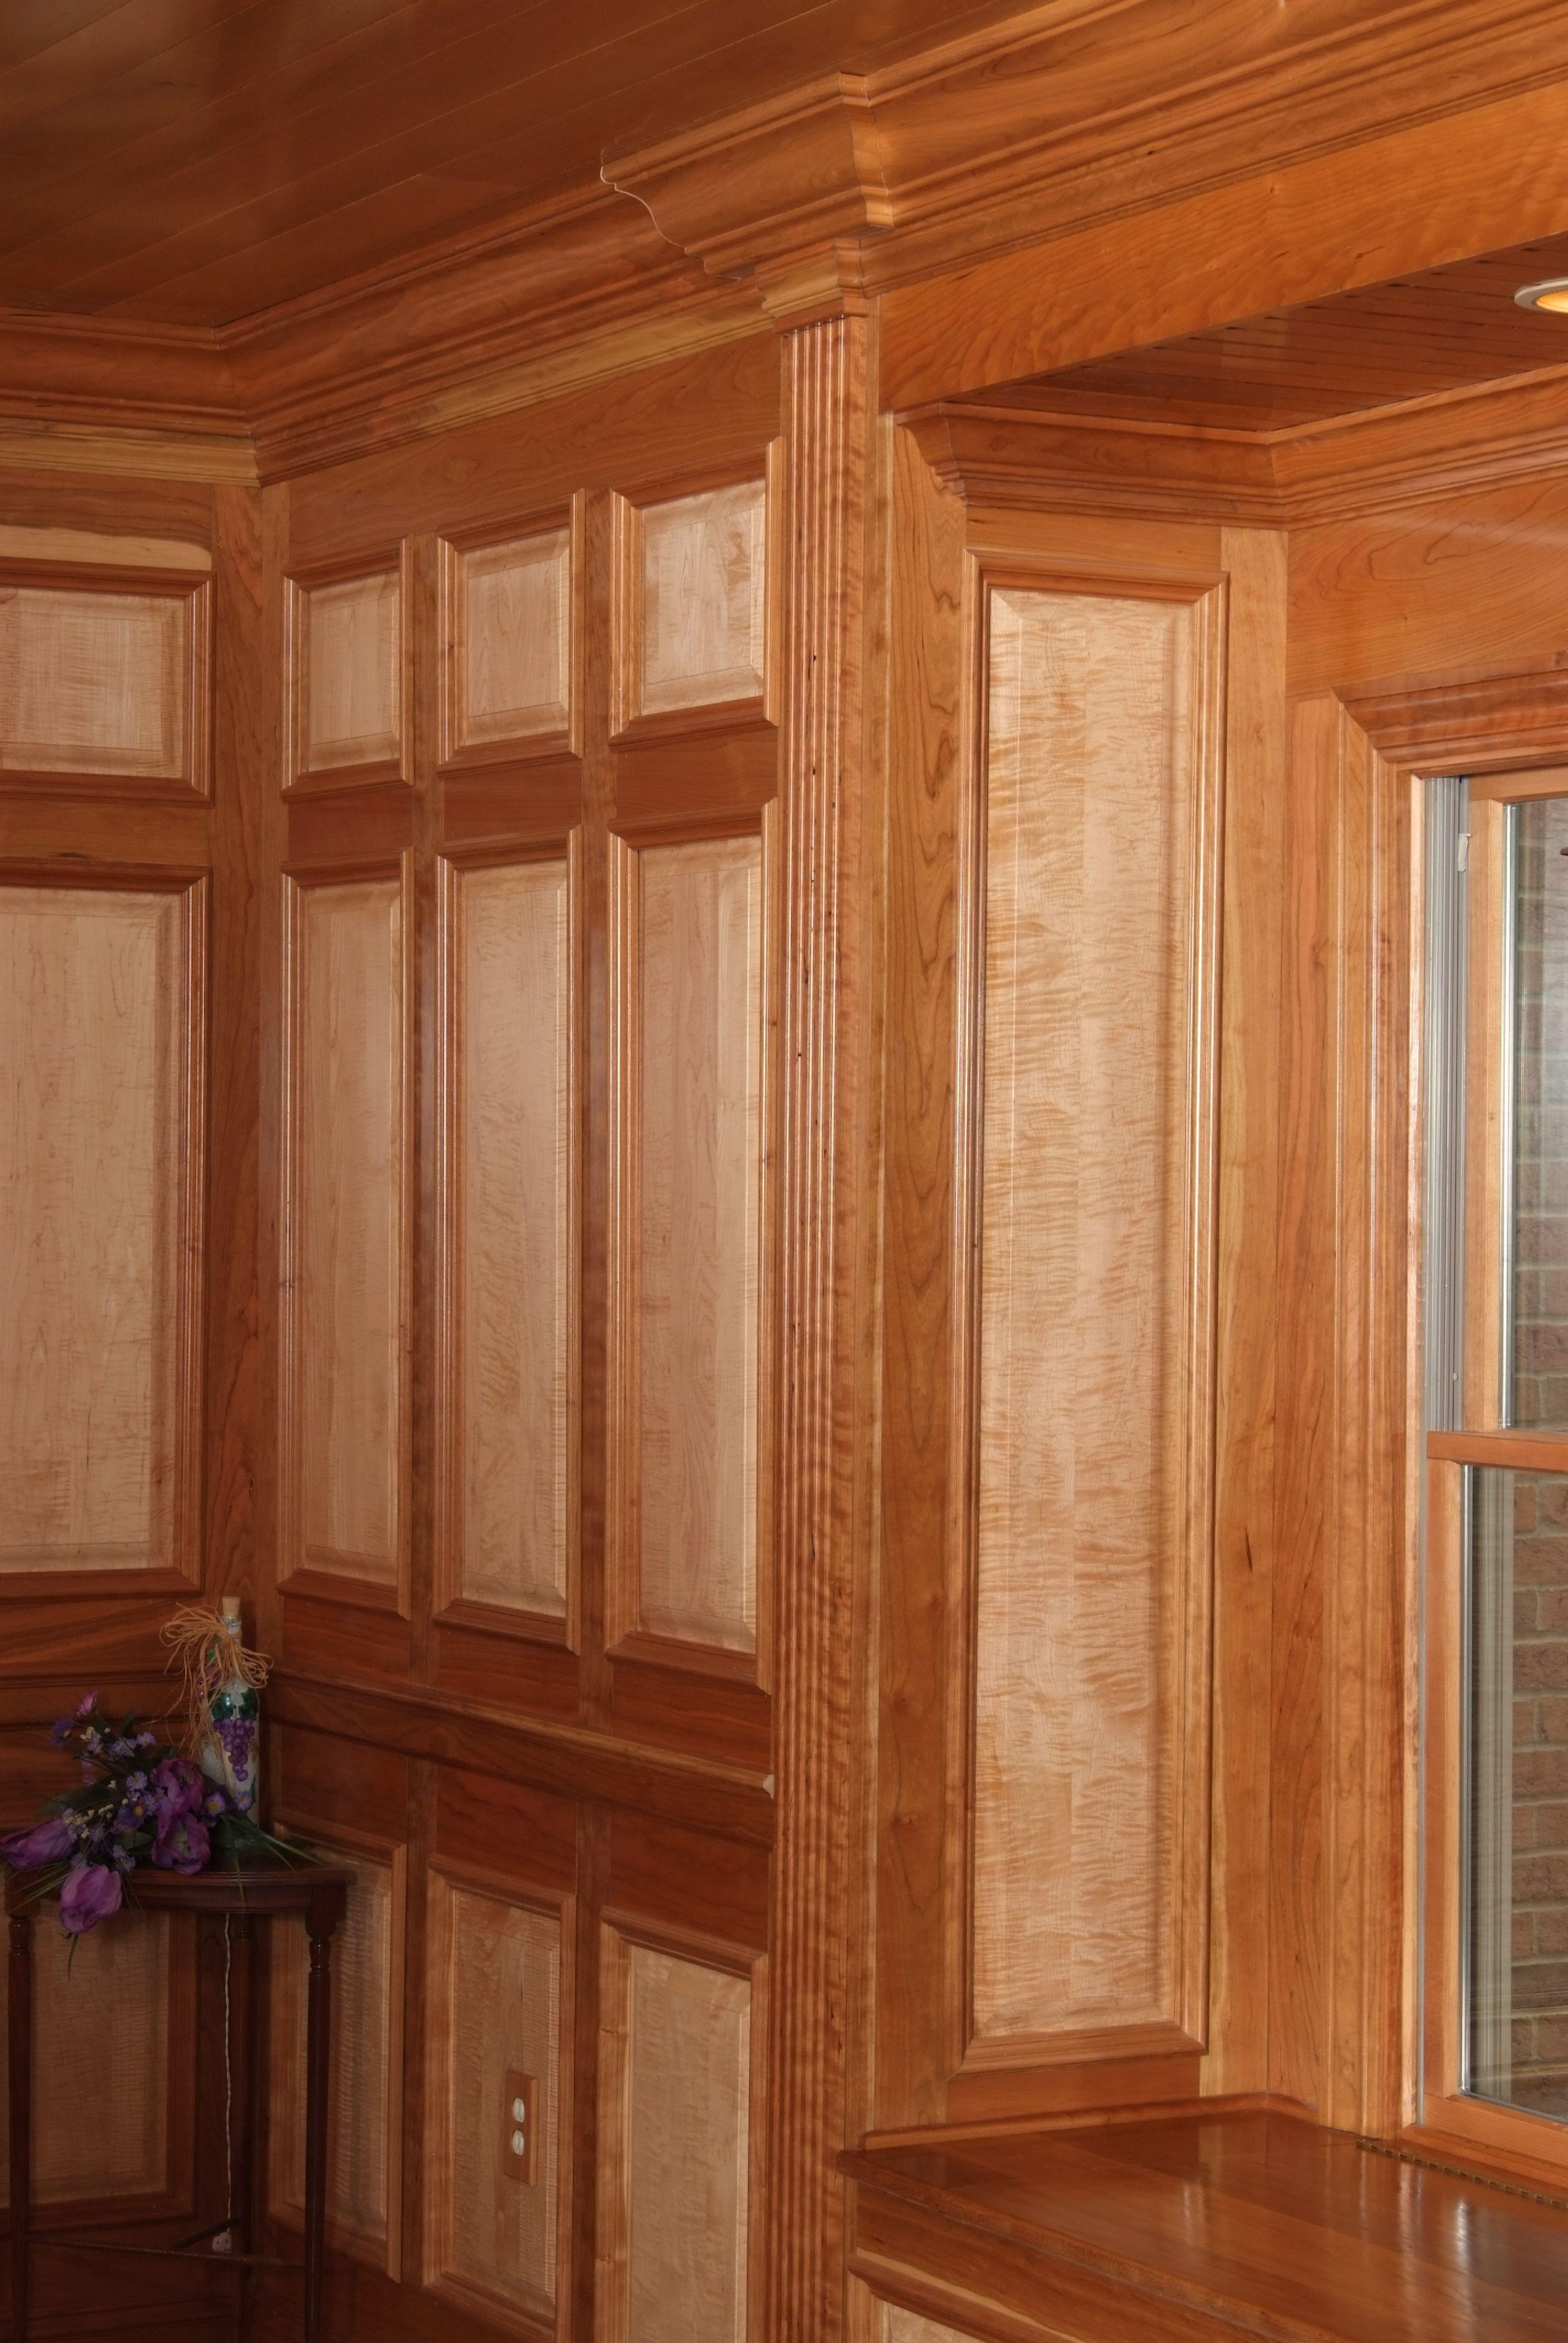 Custom Raised Panel Walls